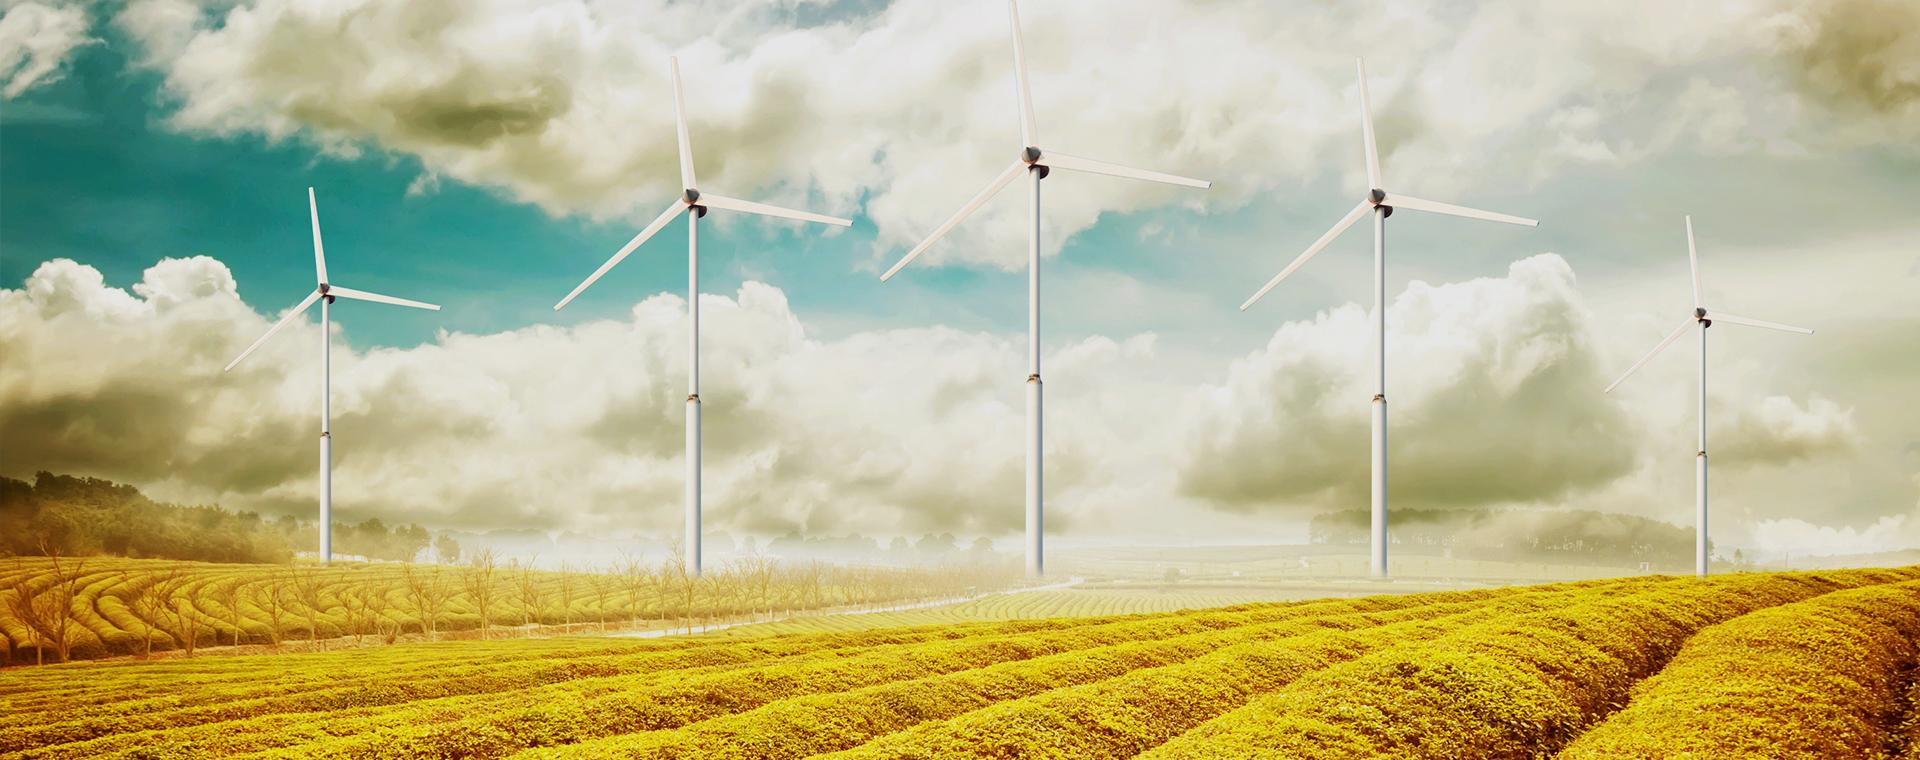 Установка малых ветрогенераторов